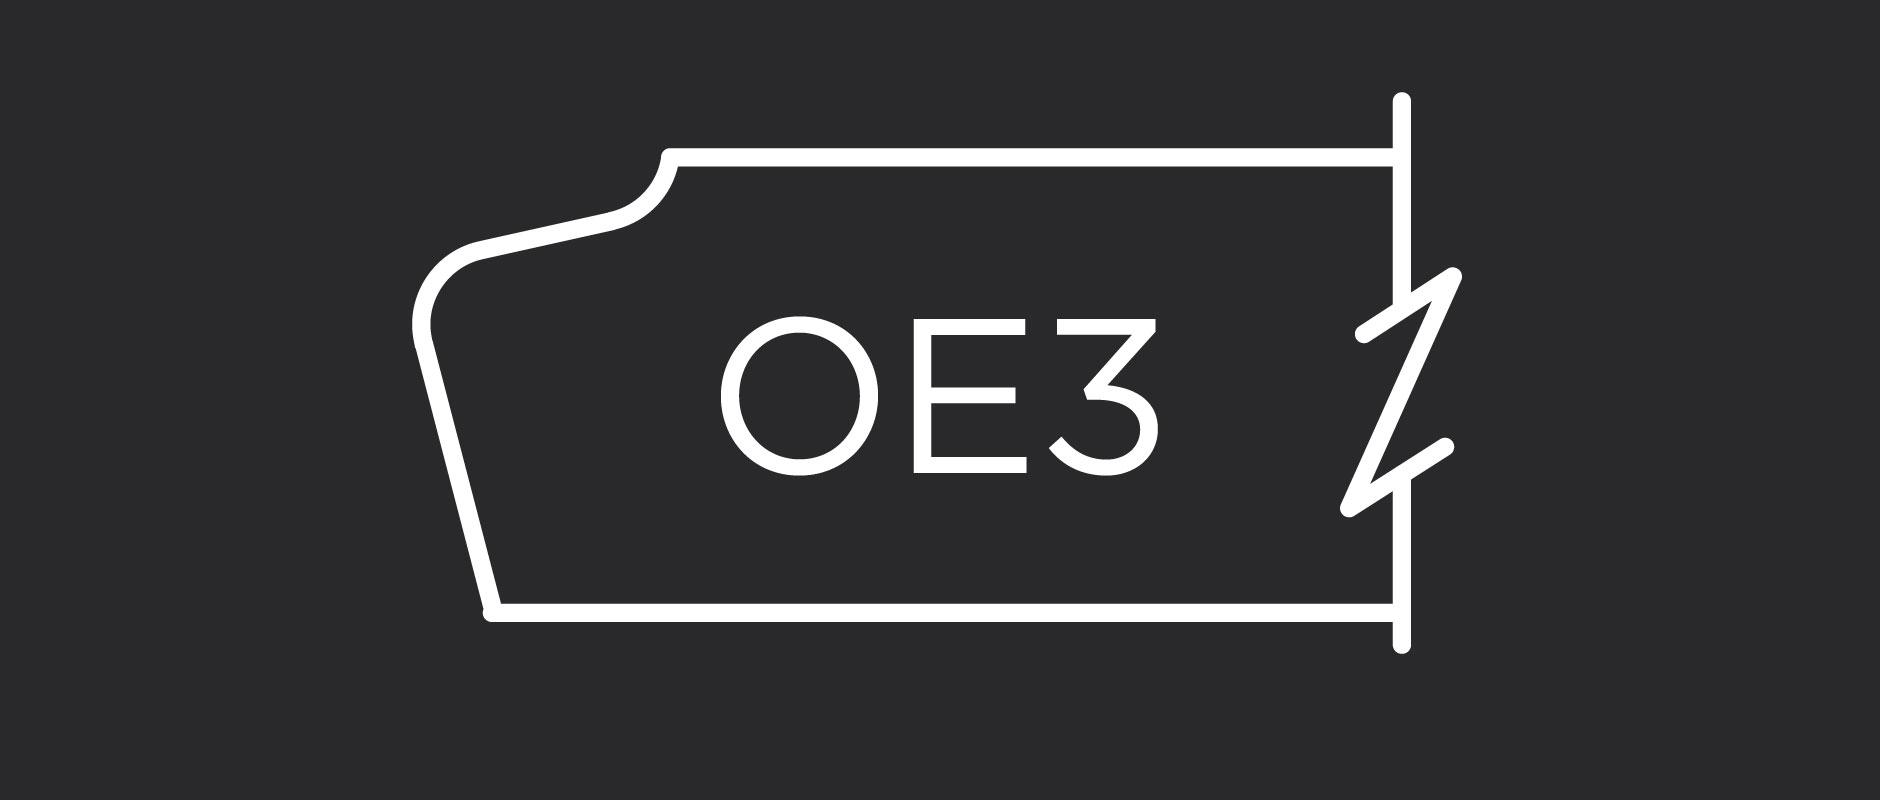 OE3 outside edge profile